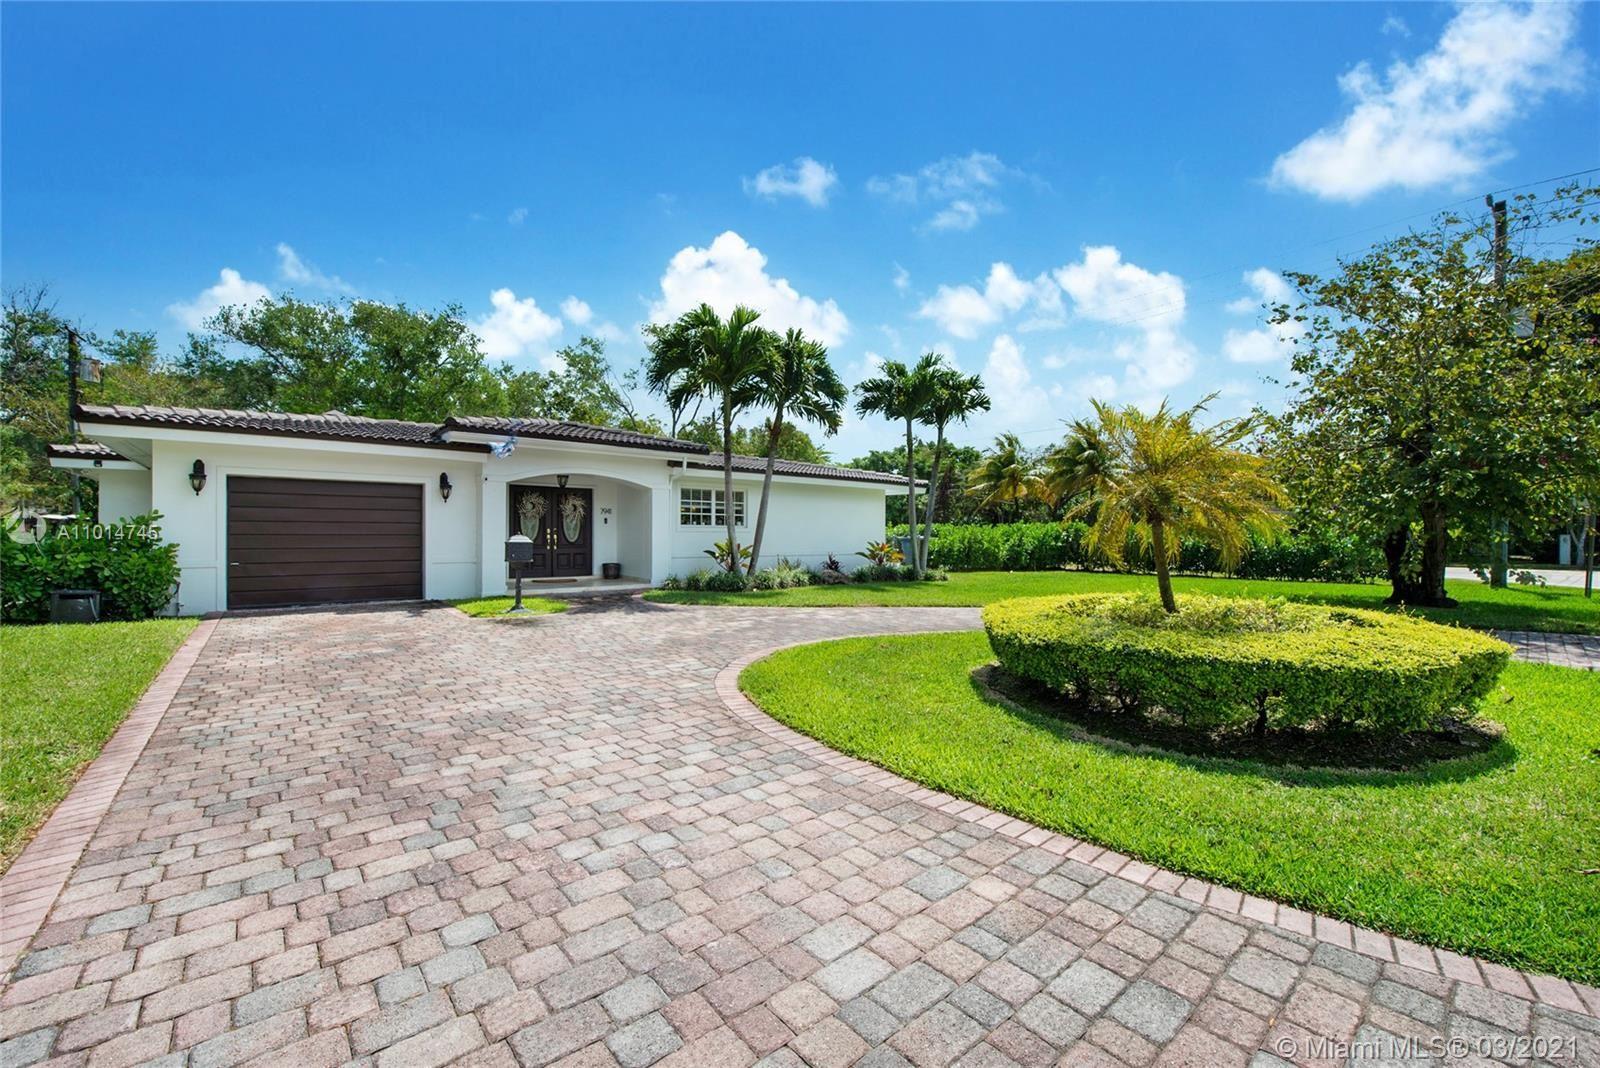 7941 SW 57th Ct, South Miami, FL 33143 - #: A11014745